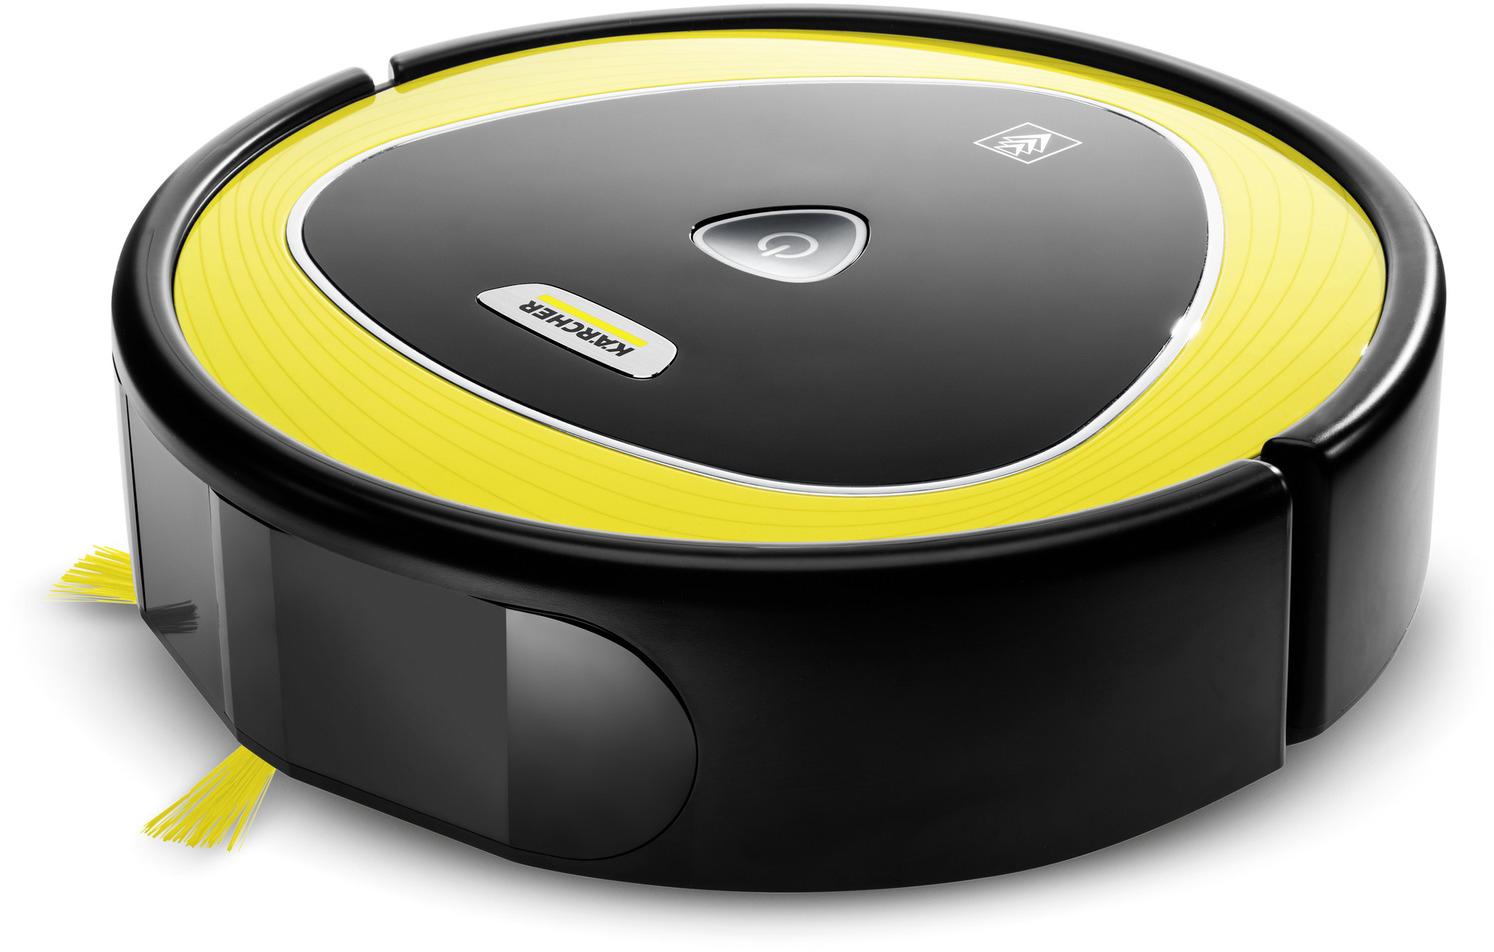 Робот-пылесос Karcher RC 3 (Yellow)